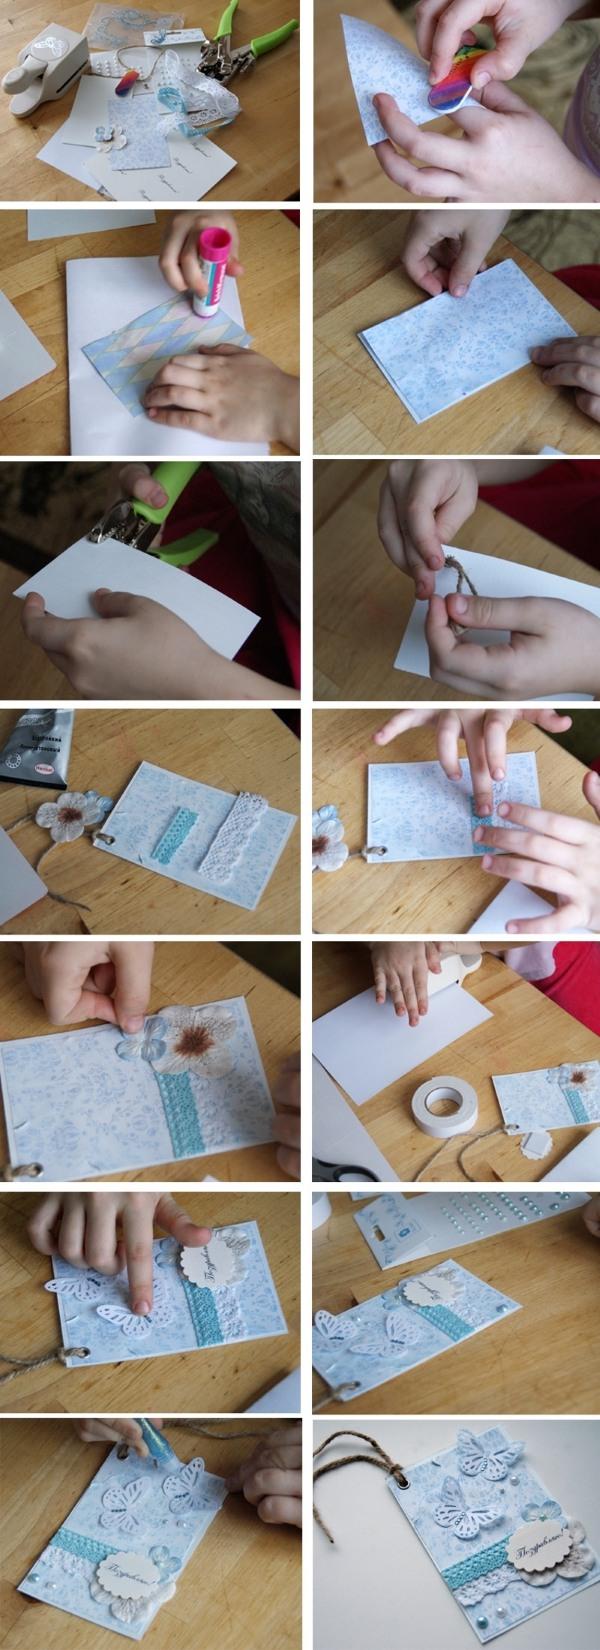 otkrytku-na-den-rozhdeniya-mame-svoimi-rukami-4 Объемные открытки своими руками, пошаговые мастер-классы